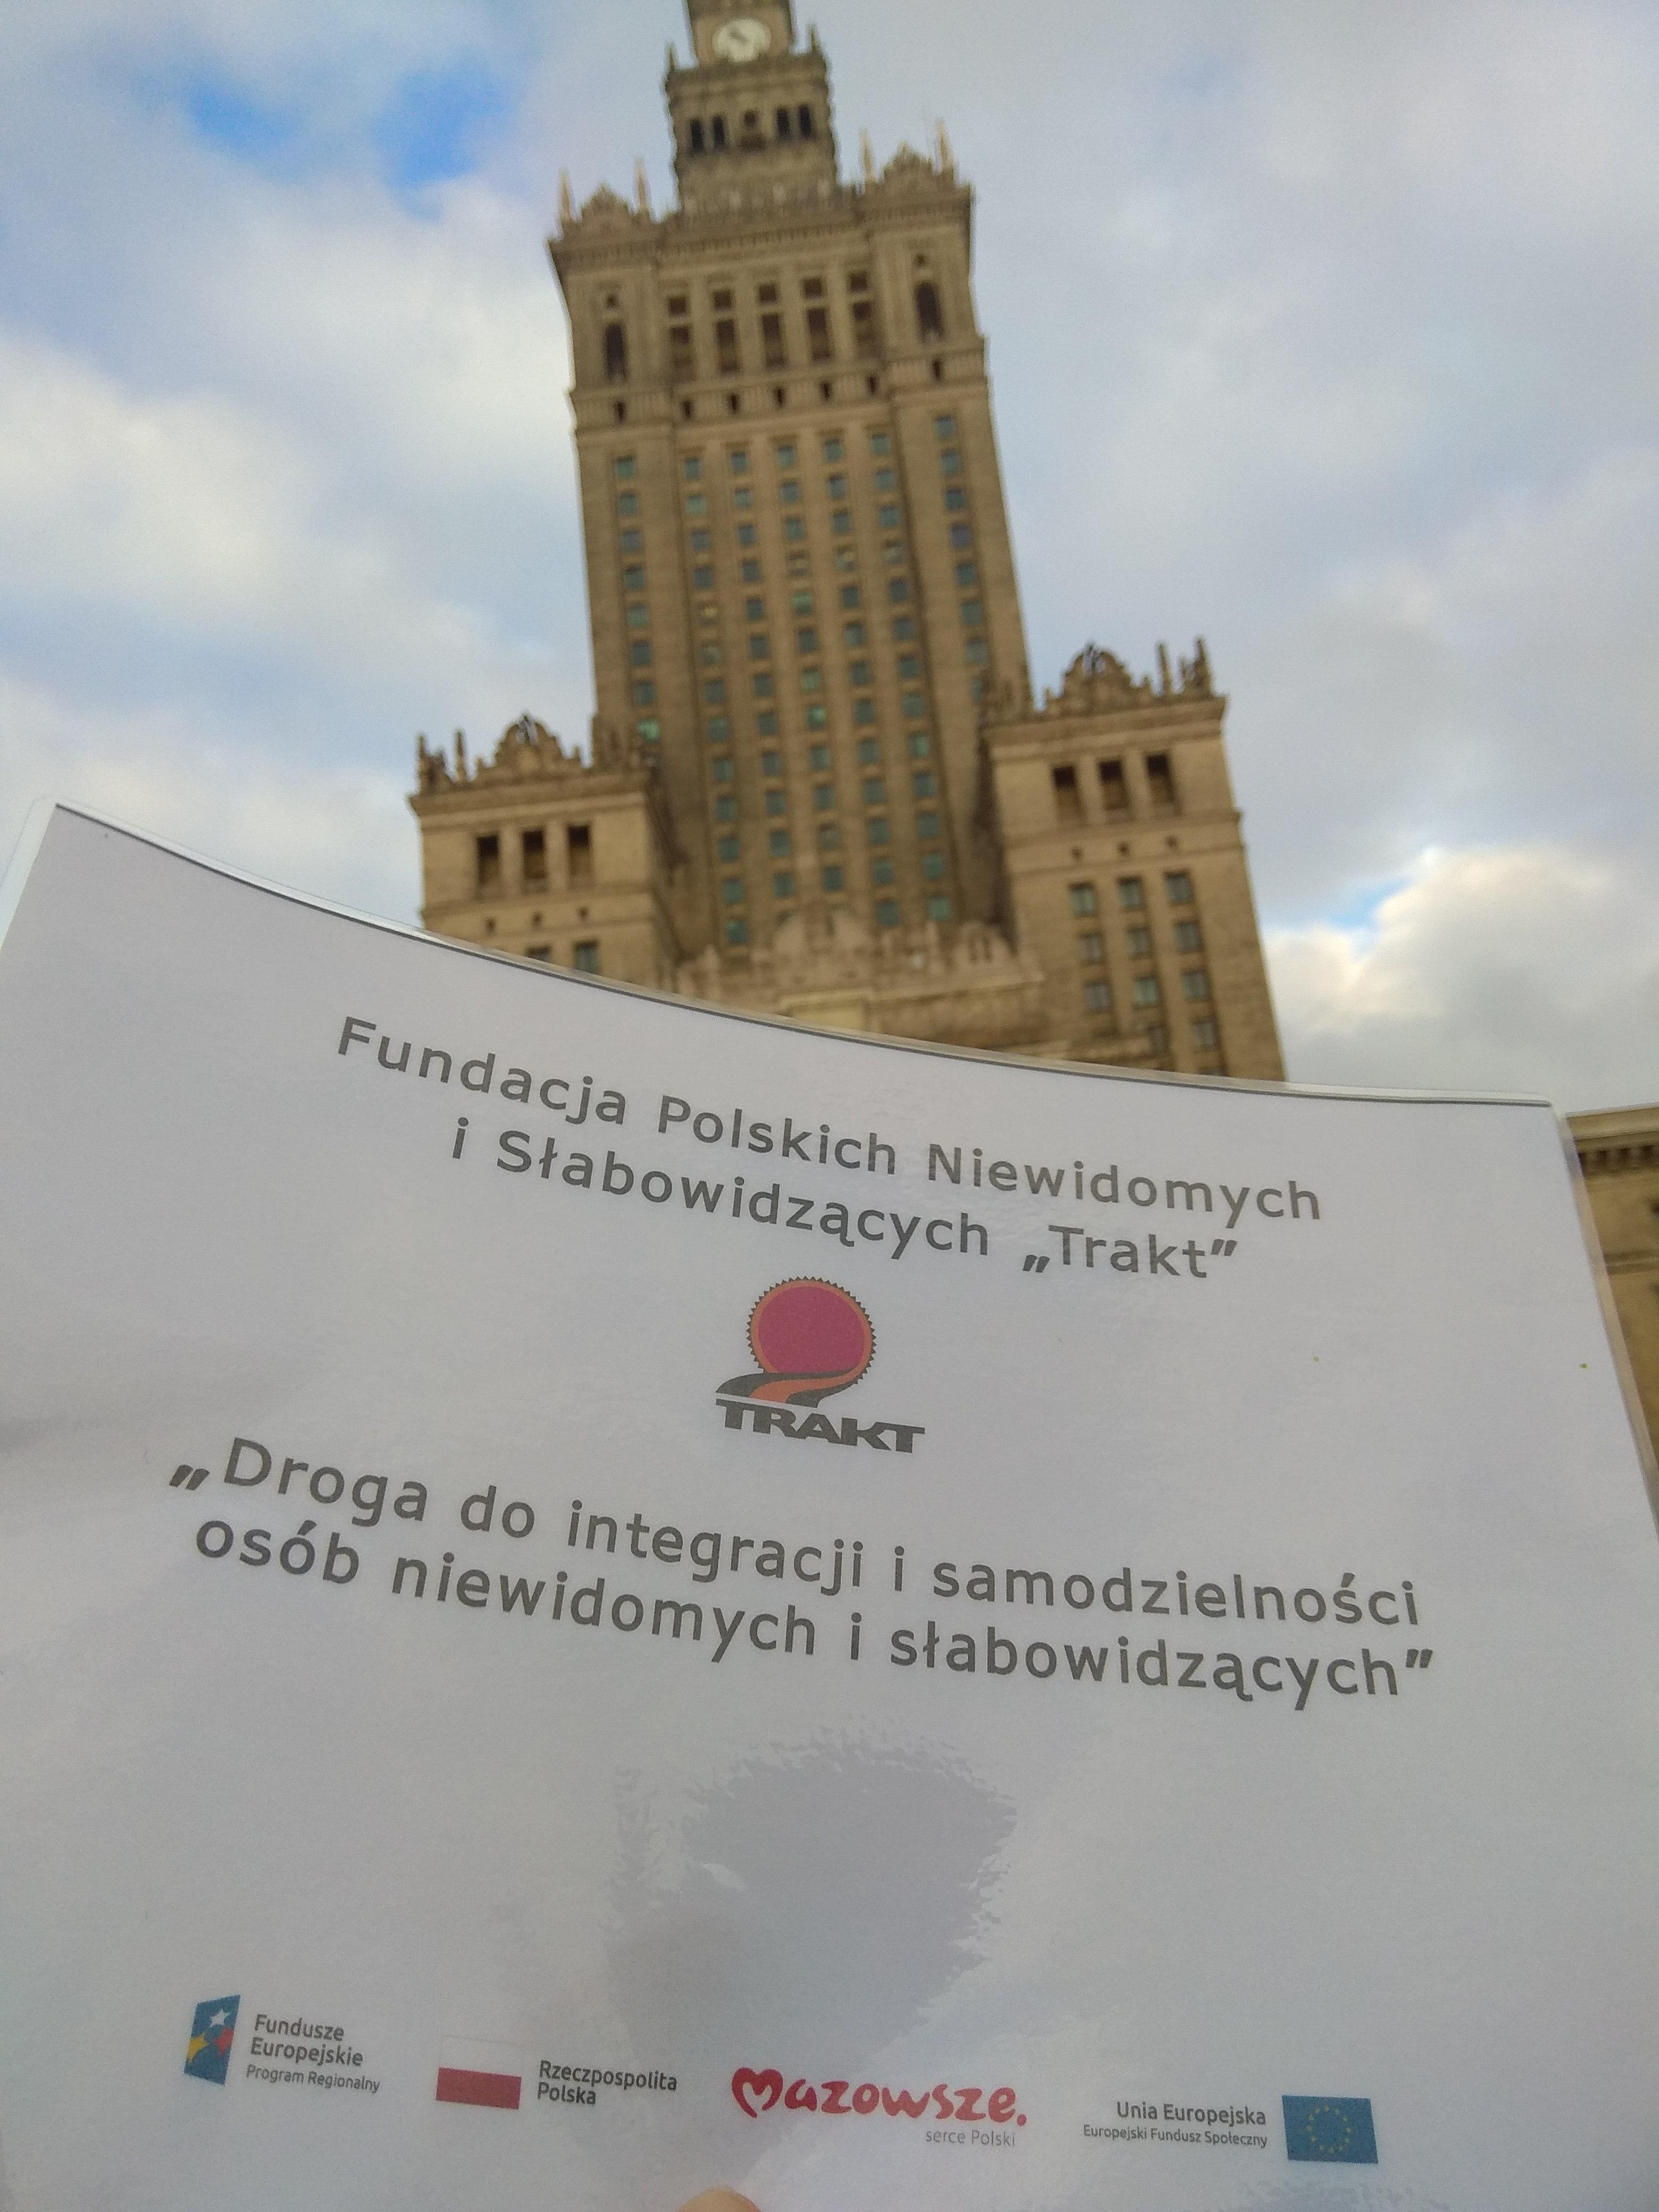 Pałac Kultury i Nauki w Warszawie – wysoki, strzelisty budynek w jasnej kolorystyce z wieloma oknami , a pod nim wkomponowany plakat projektu unijnego.